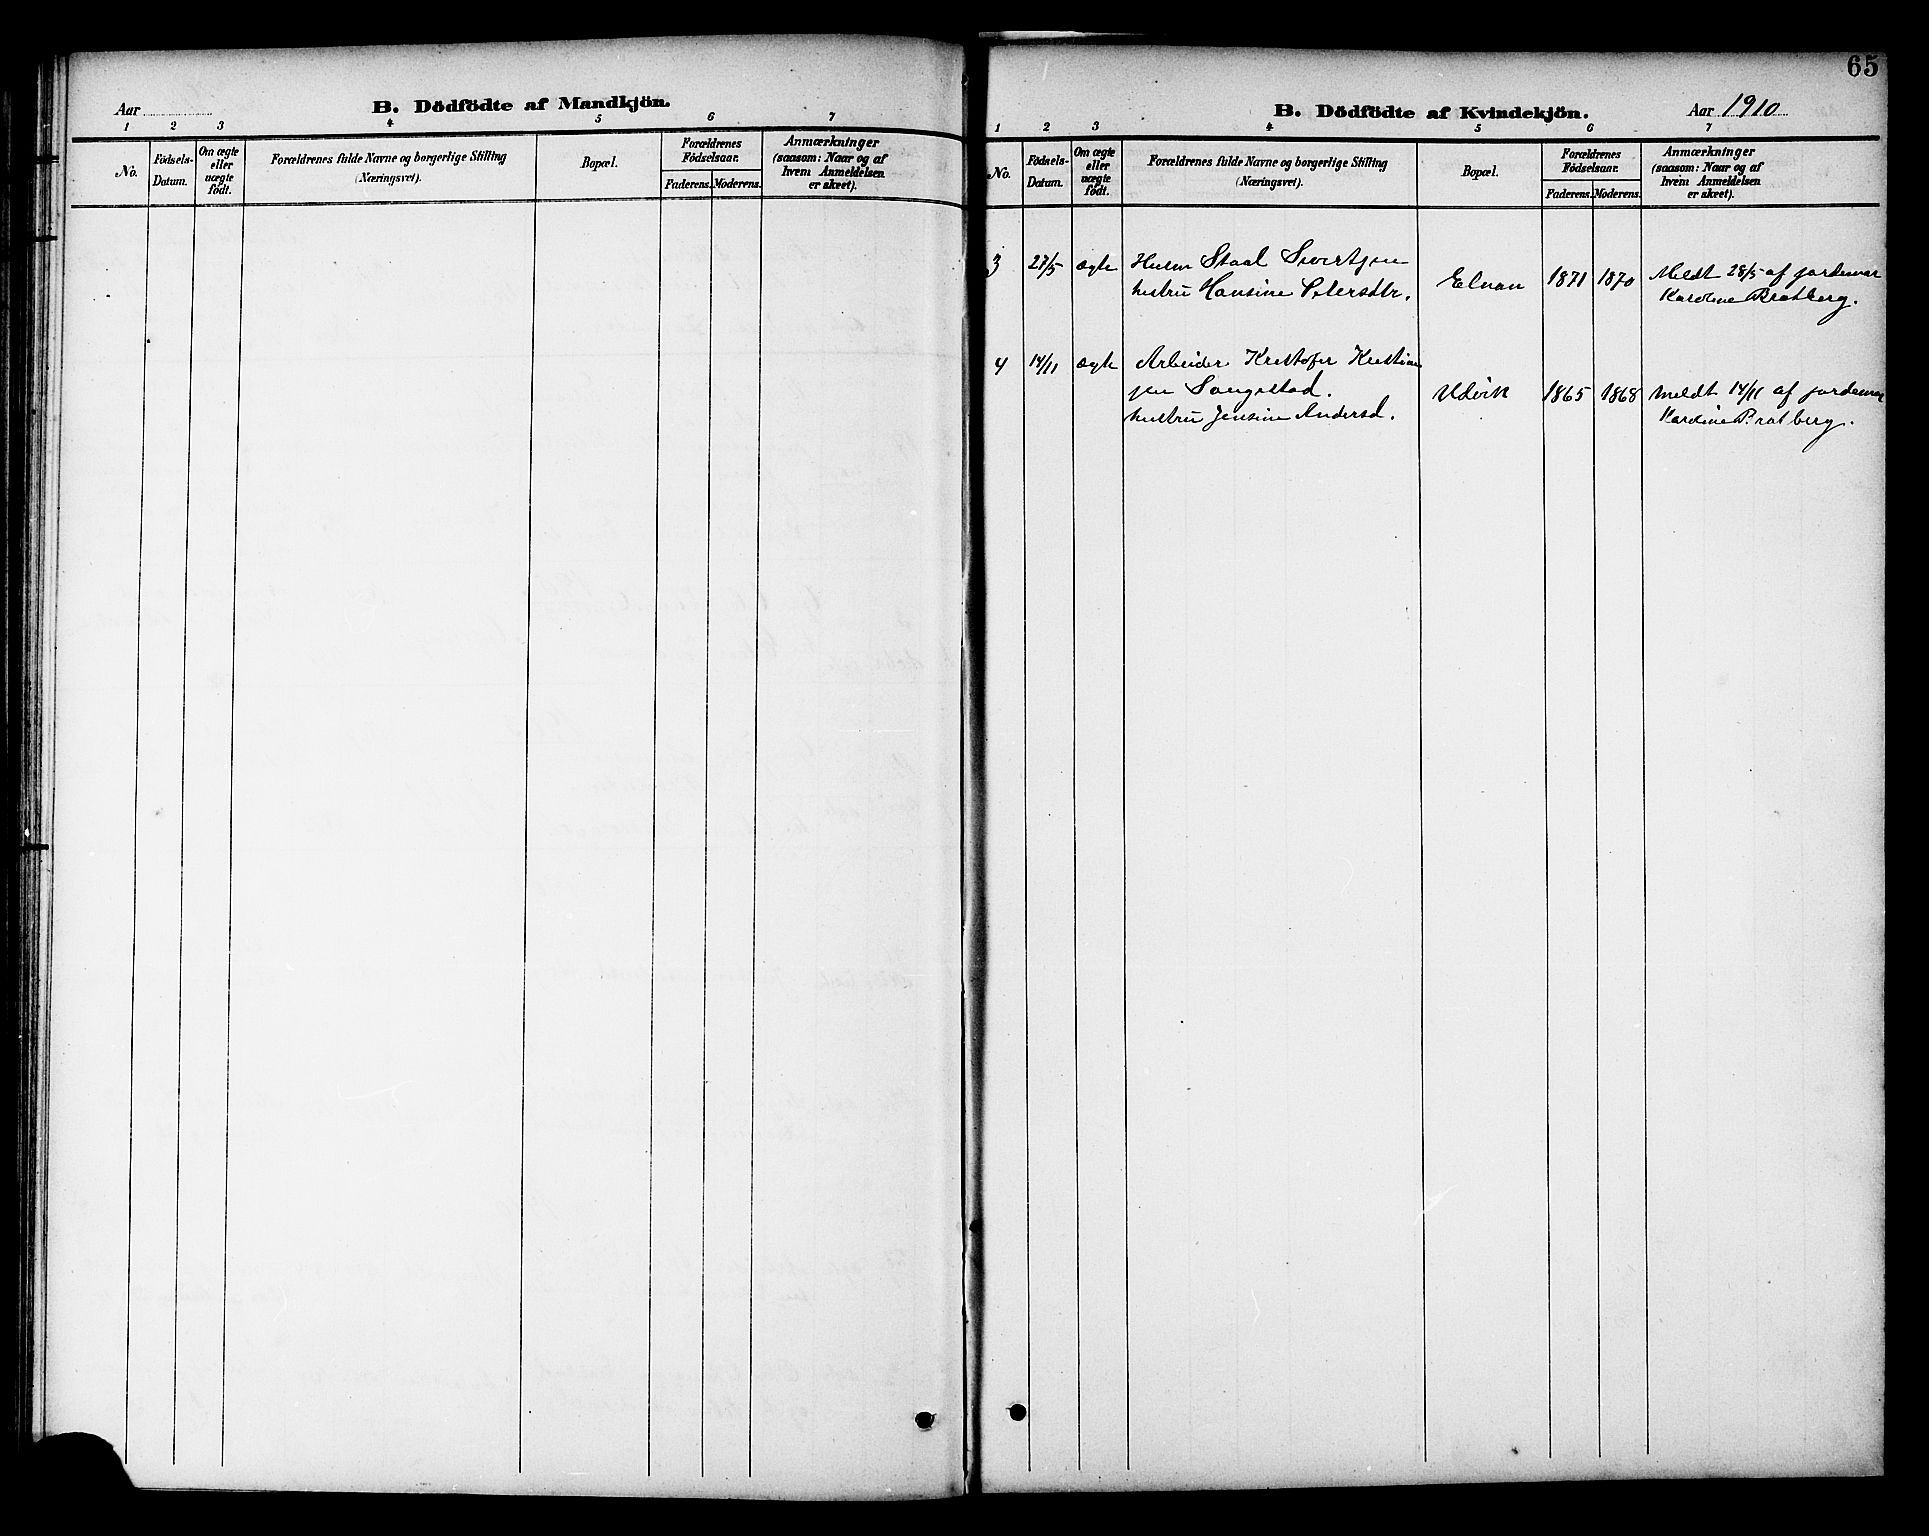 SAT, Ministerialprotokoller, klokkerbøker og fødselsregistre - Nord-Trøndelag, 741/L0401: Klokkerbok nr. 741C02, 1899-1911, s. 65